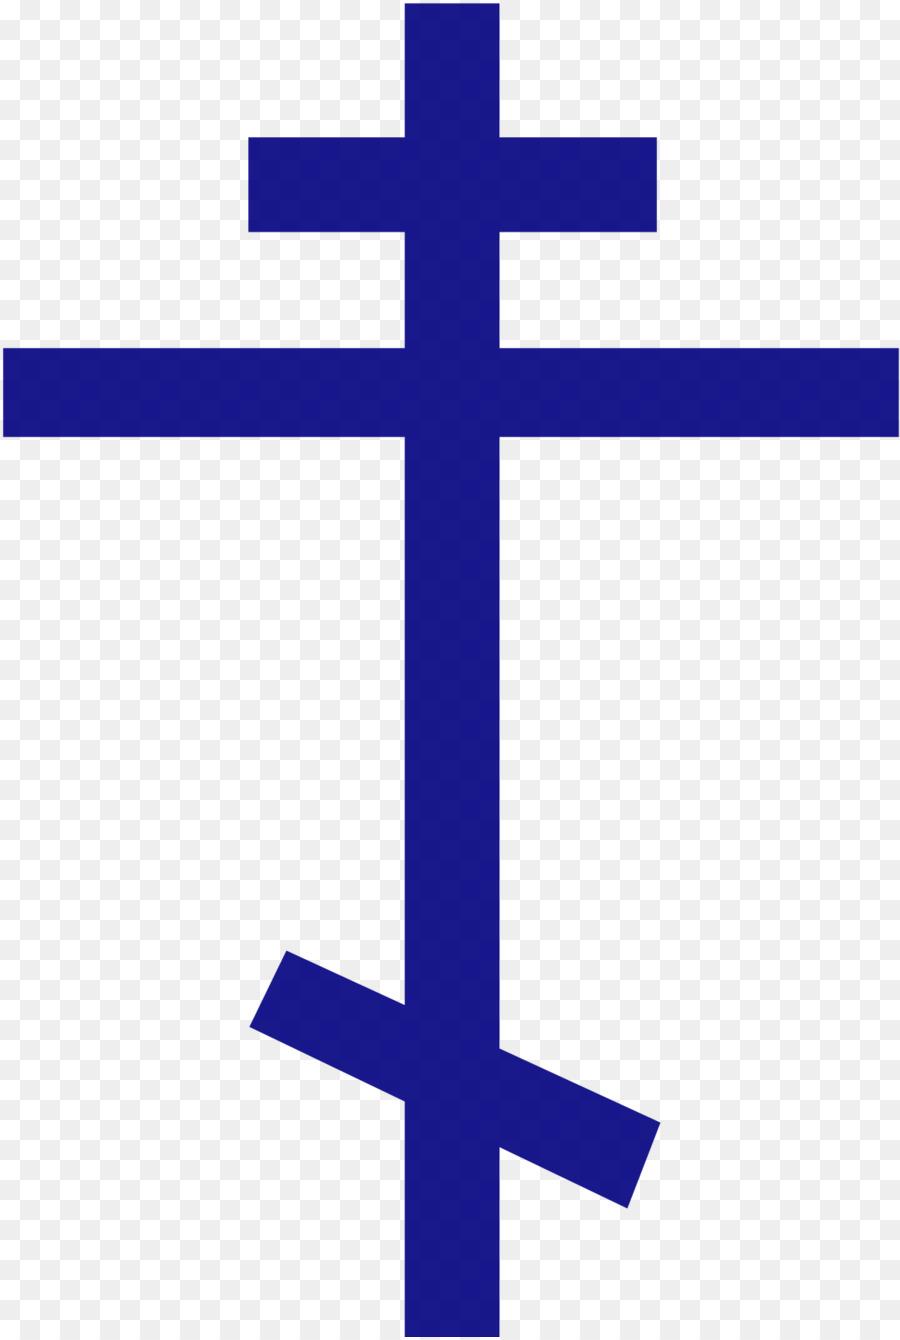 Descarga gratuita de Iglesia Ortodoxa Rusa, Iglesia Ortodoxa Oriental, Ortodoxa Rusa De La Cruz imágenes PNG